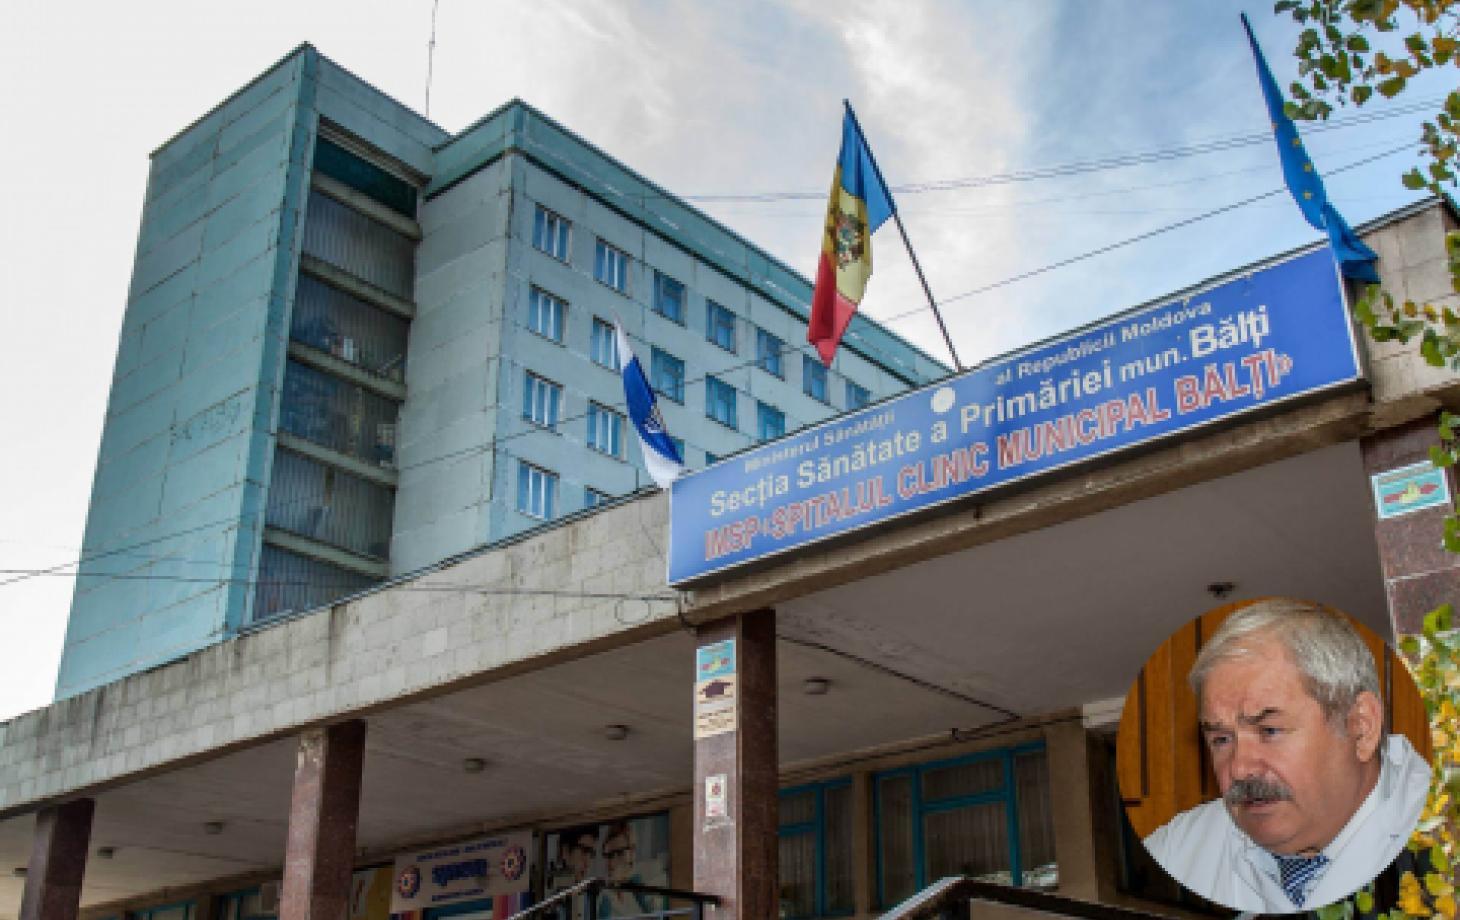 Муниципальная больница, Сергей Ротарь